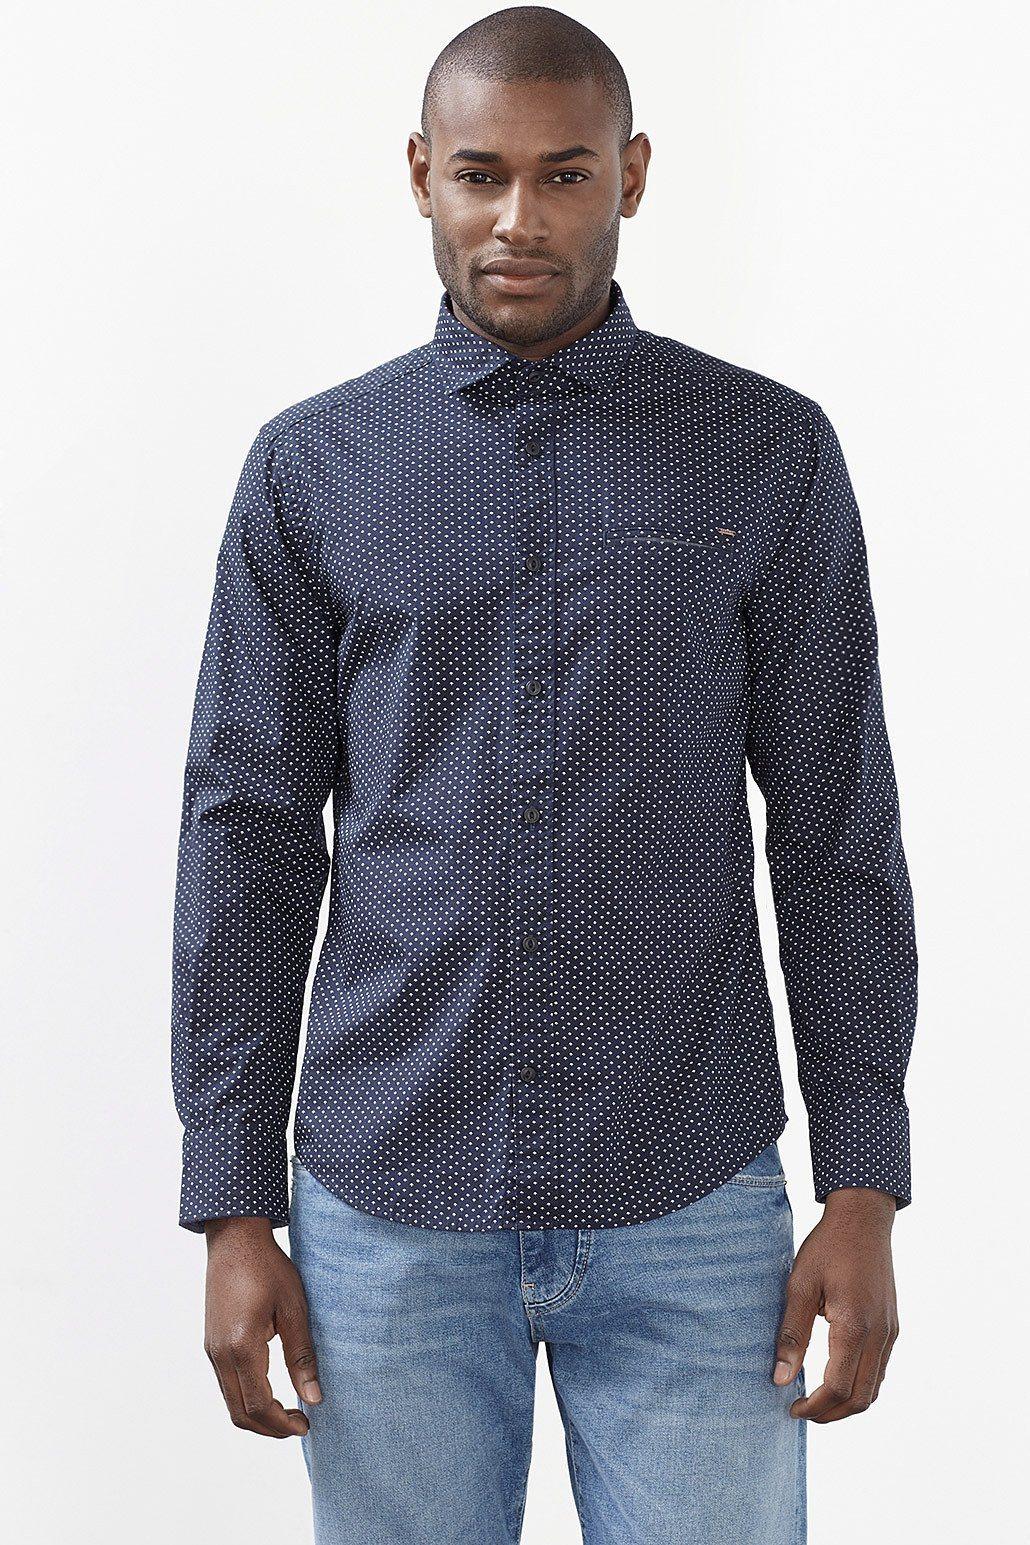 ESPRIT CASUAL Print Hemd mit Tasche, 100% Baumwolle